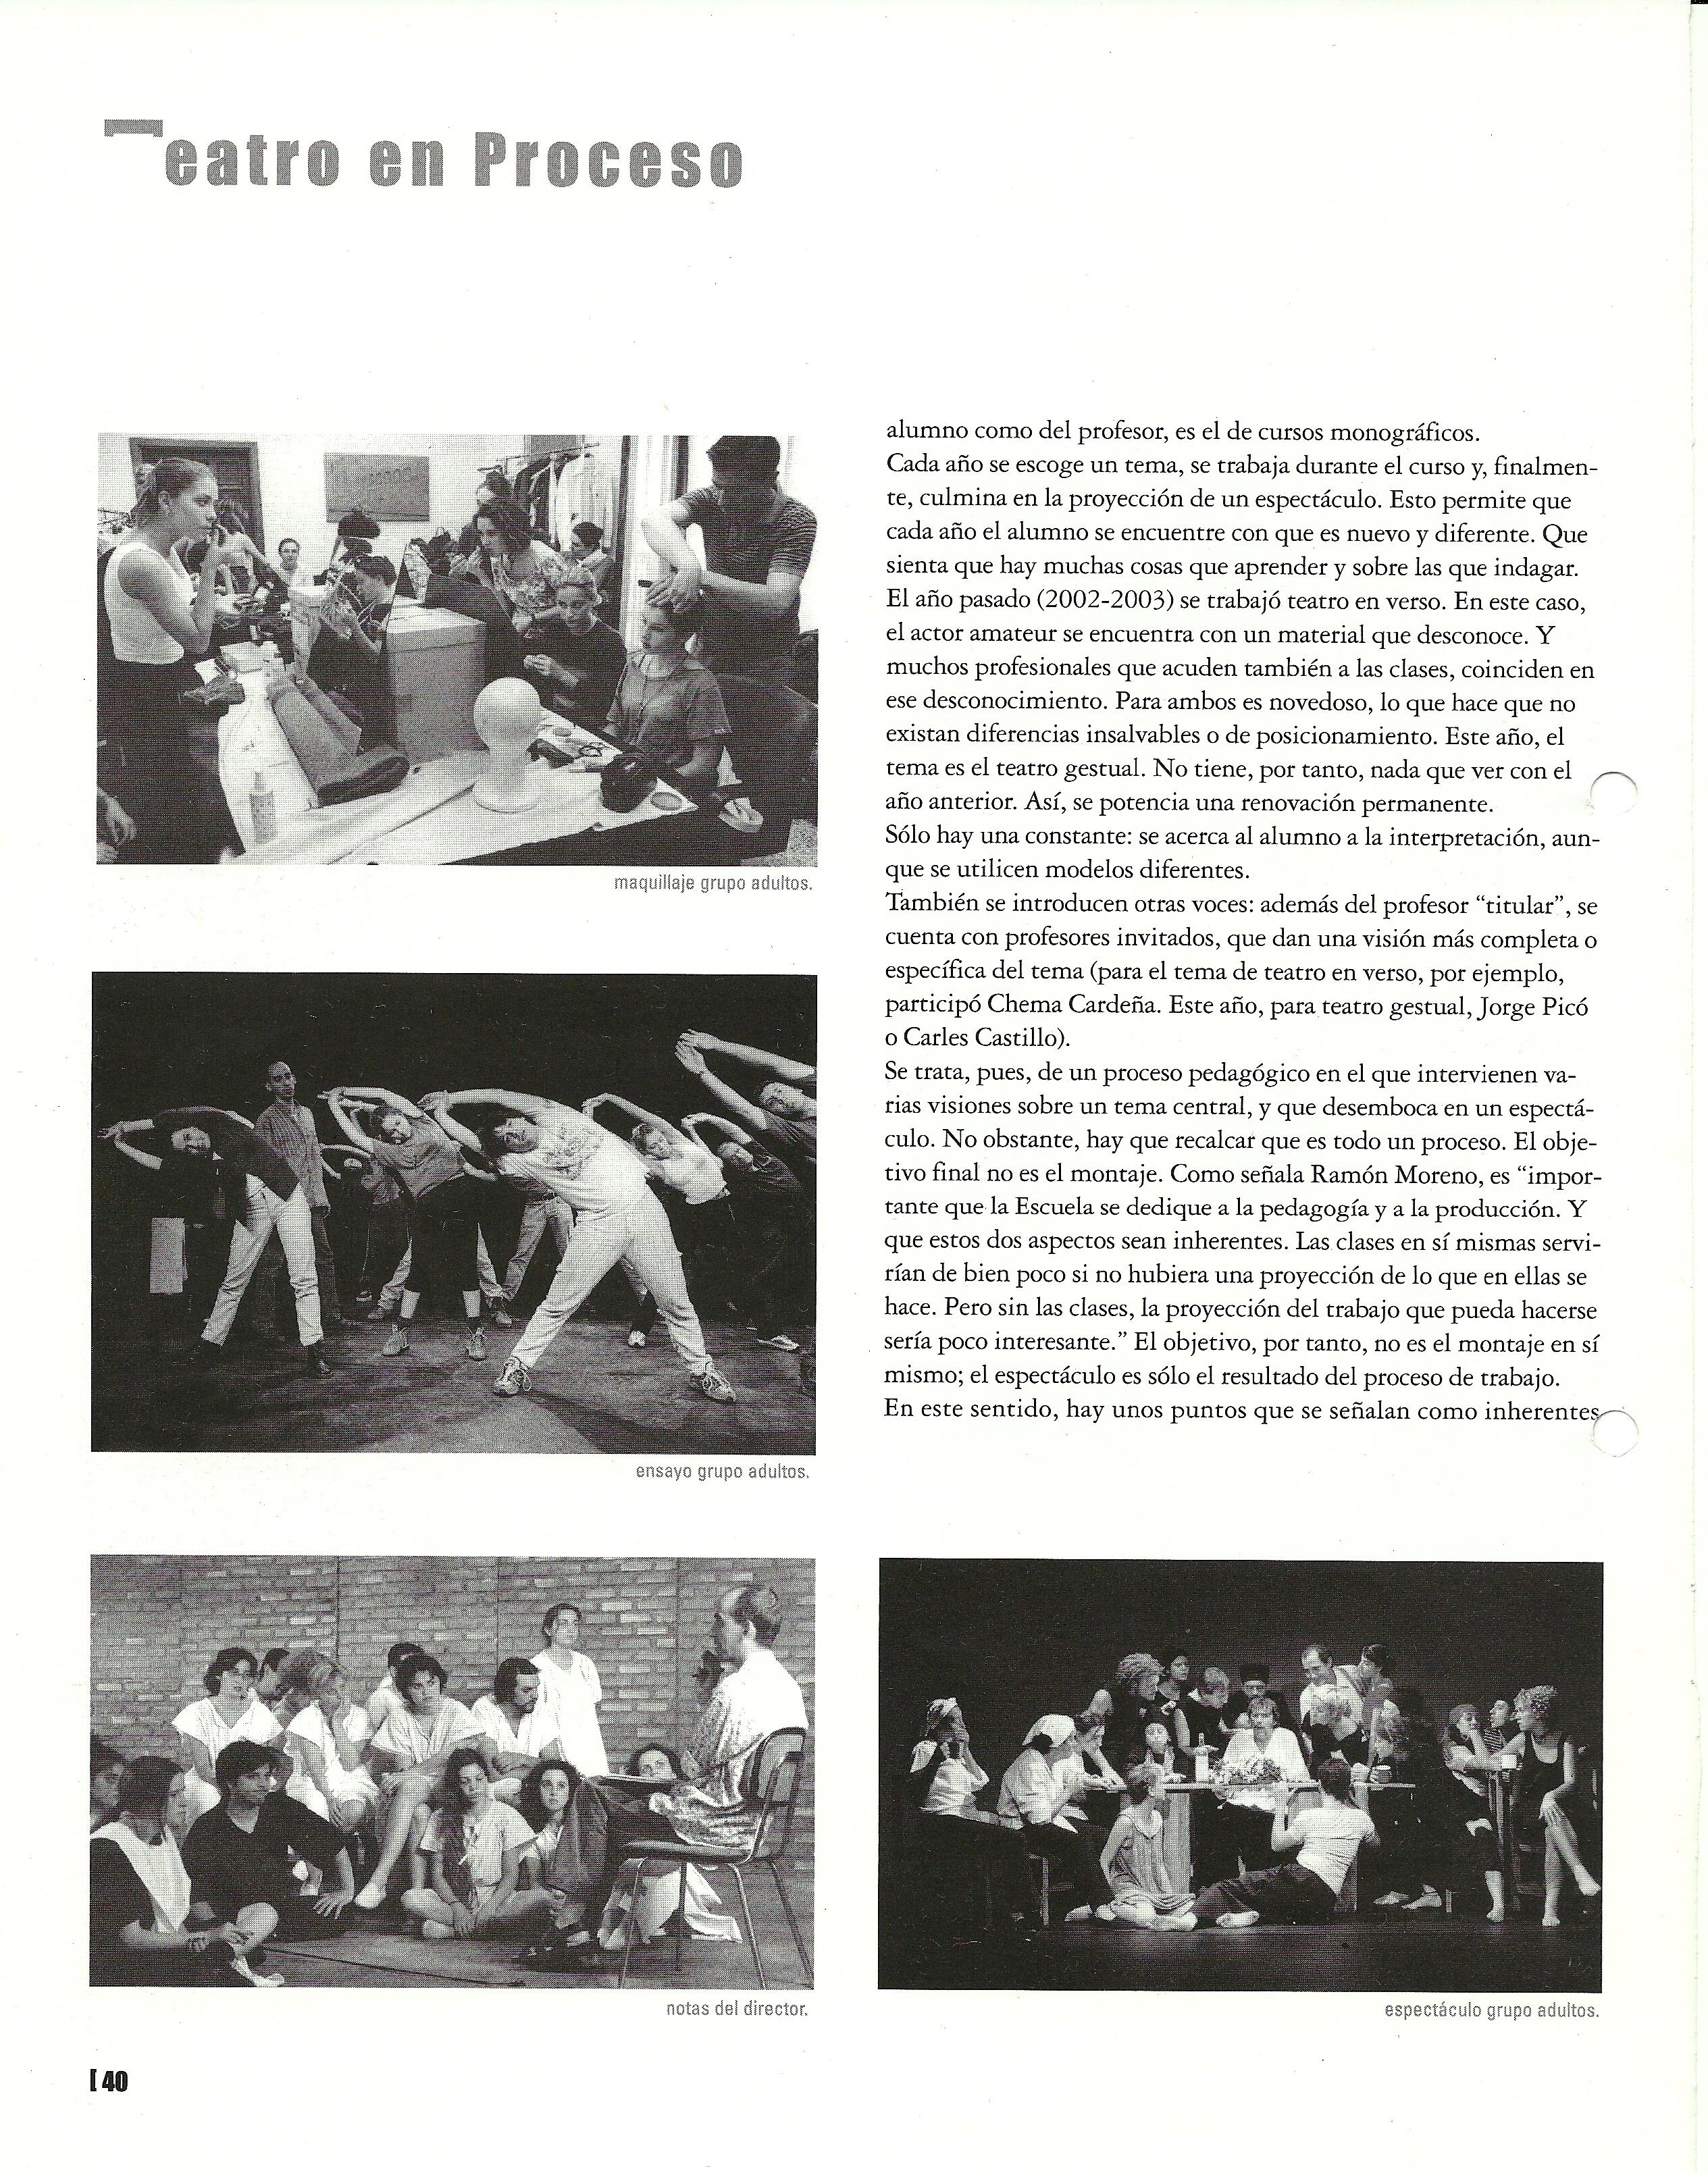 2004 Reportatge en Acotaciones nº 3